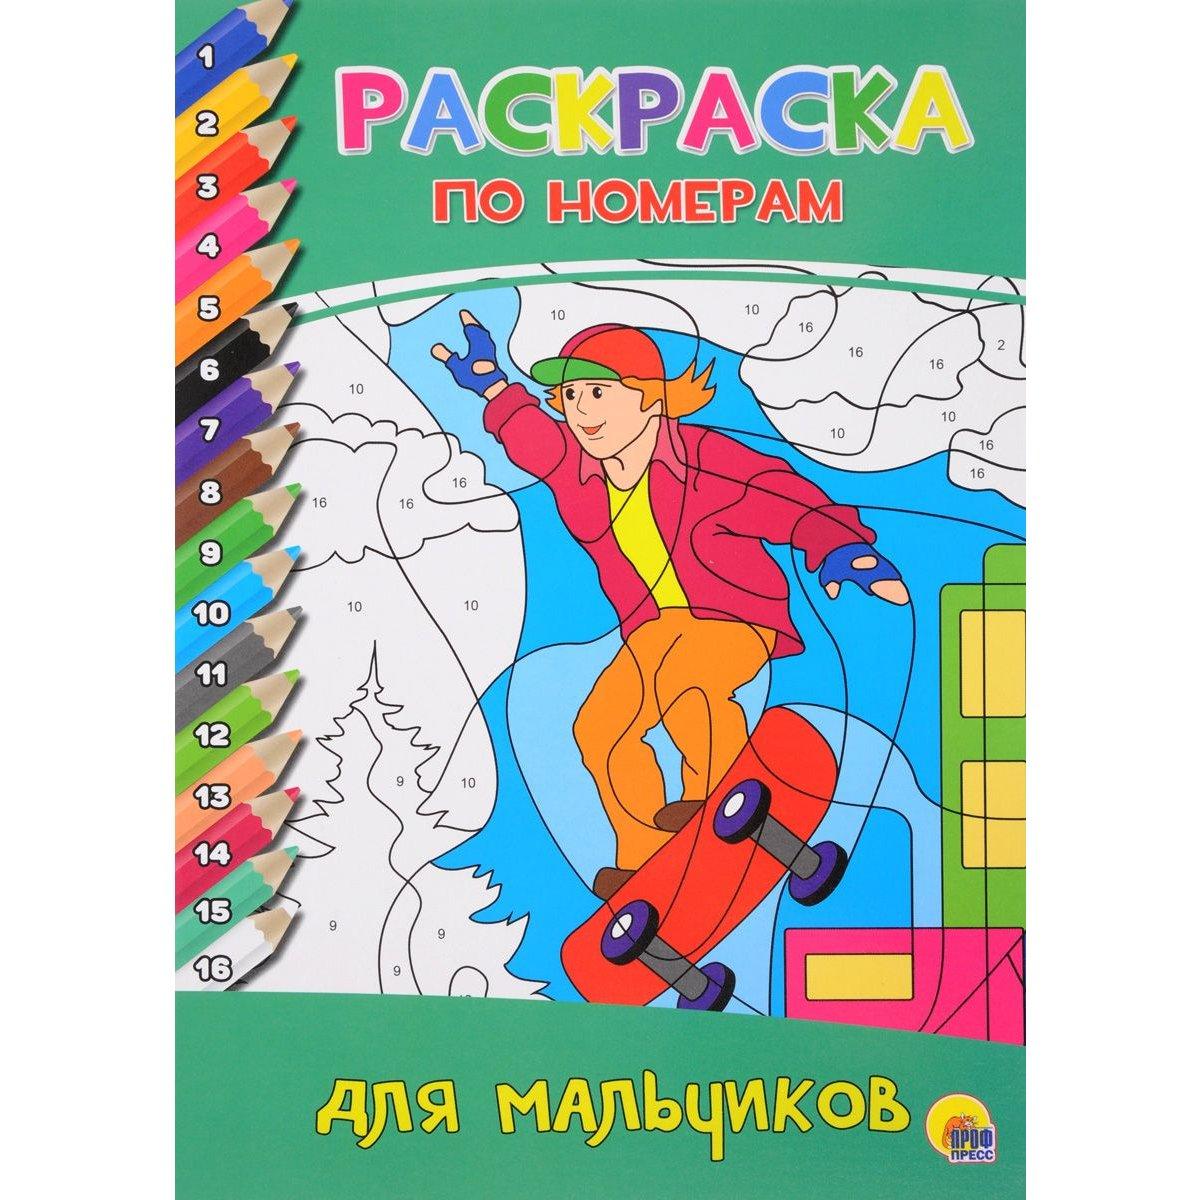 Для мальчиков. Раскраска по номерам — купить книгу в ...